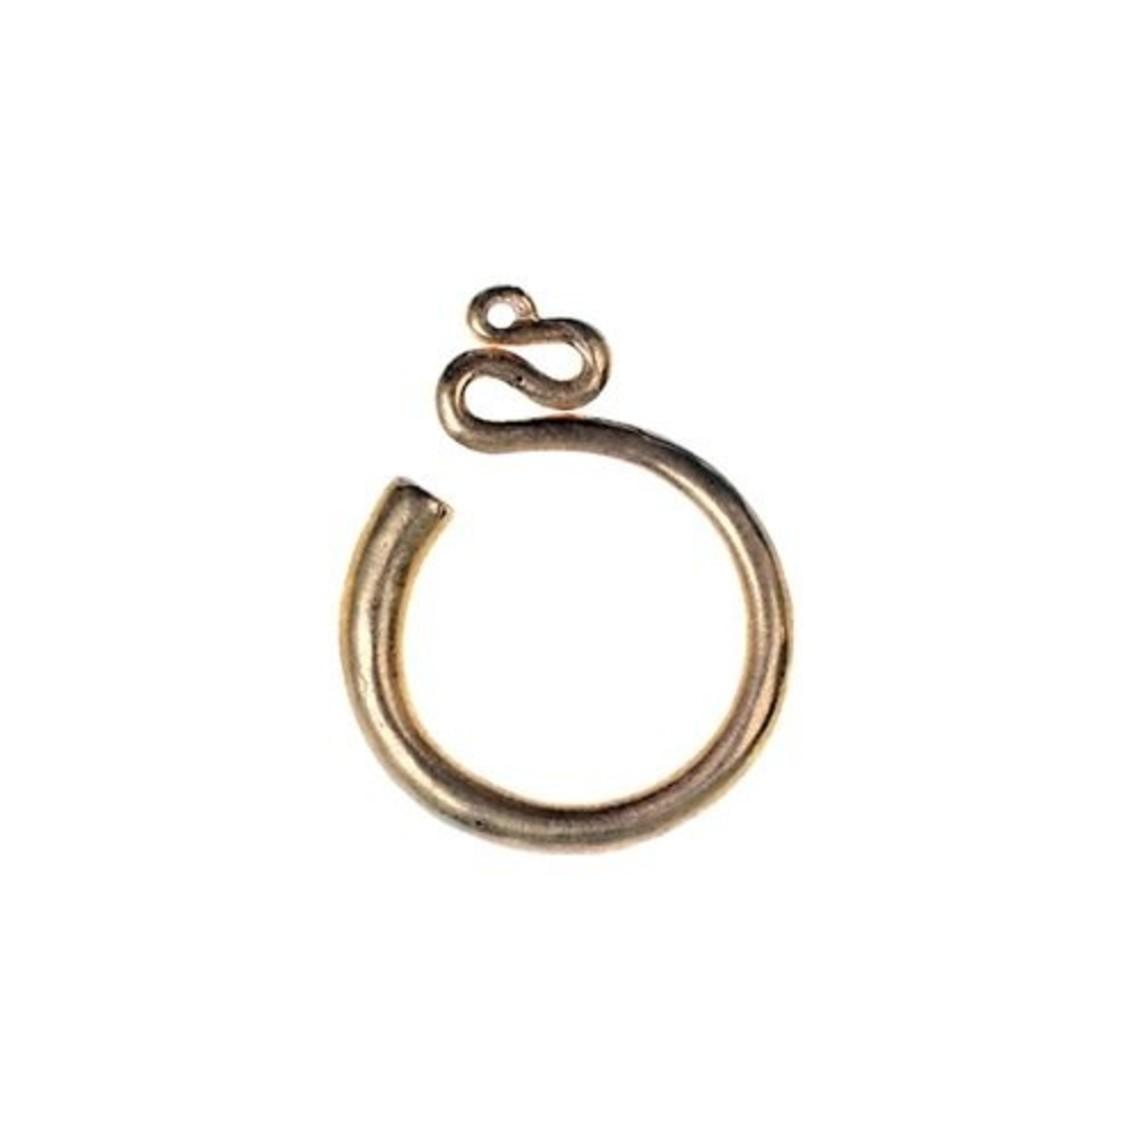 anillos templo eslavos, M, bronce